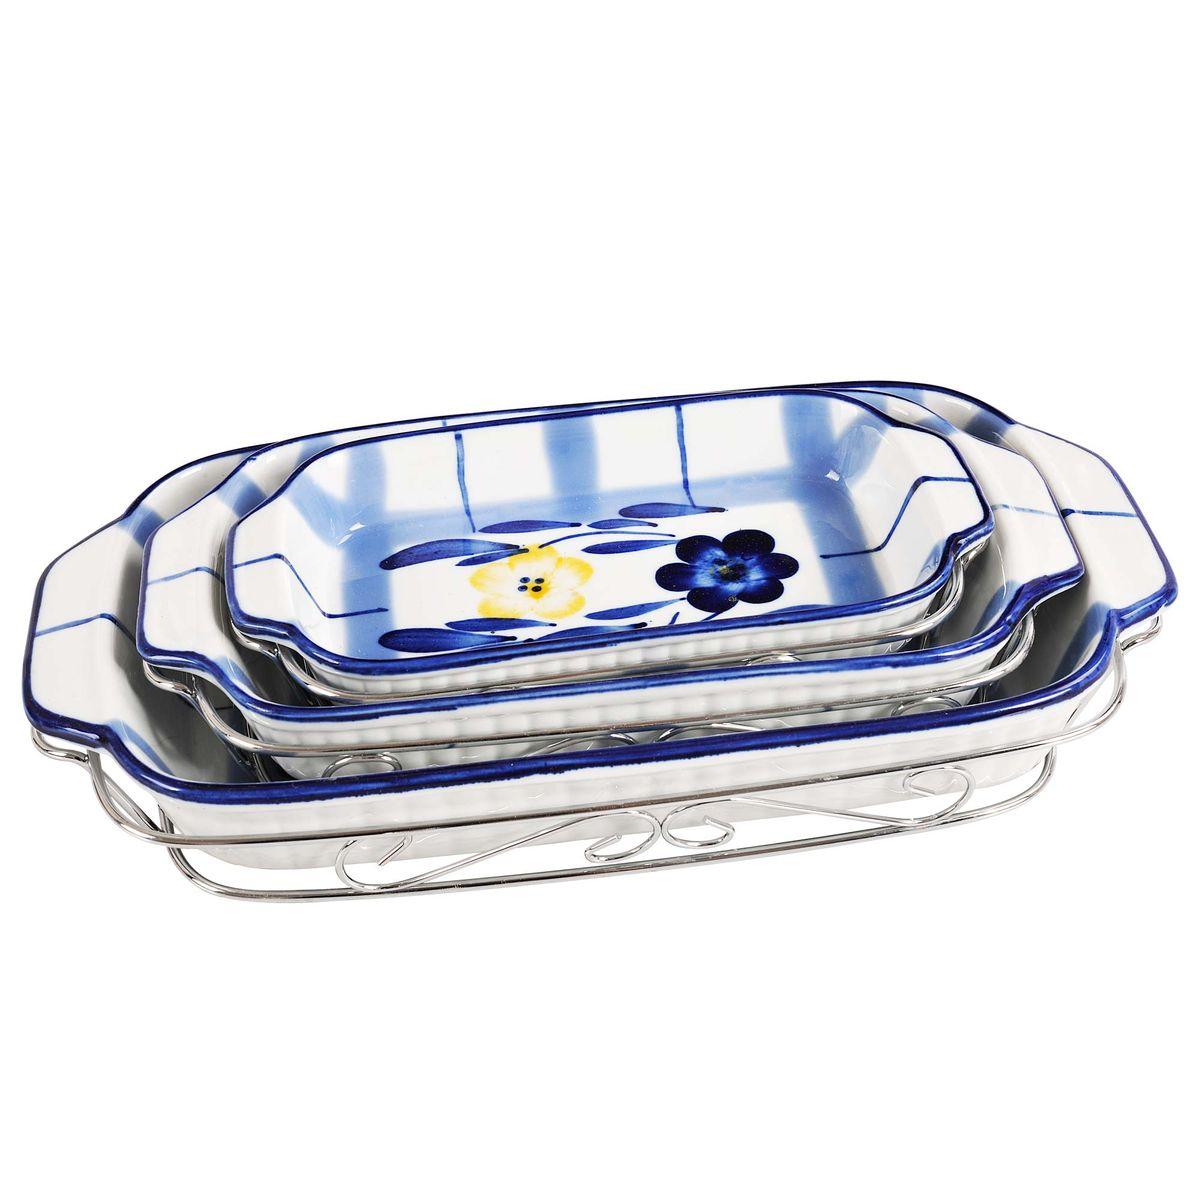 Набор форм для запекания Bekker, с подставками, 6 предметовBK-7308Набор Bekker состоит из 3 форм для запекания, выполненных из высококачественной керамики. Изделия имеют глазурованное покрытие, которое защищает поверхность от истирания и облегчает чистку. Формы для запекания Bekker прекрасно подойдут для запекания овощей, мяса и других блюд, а оригинальный дизайн и яркое оформление украсят ваш стол. В комплект входя также 3 металлические подставки. Размер форм: 21 х 11 х 3 см; 25,5 х 14 х 3,5 см; 31 х 16 х 4,5 см.